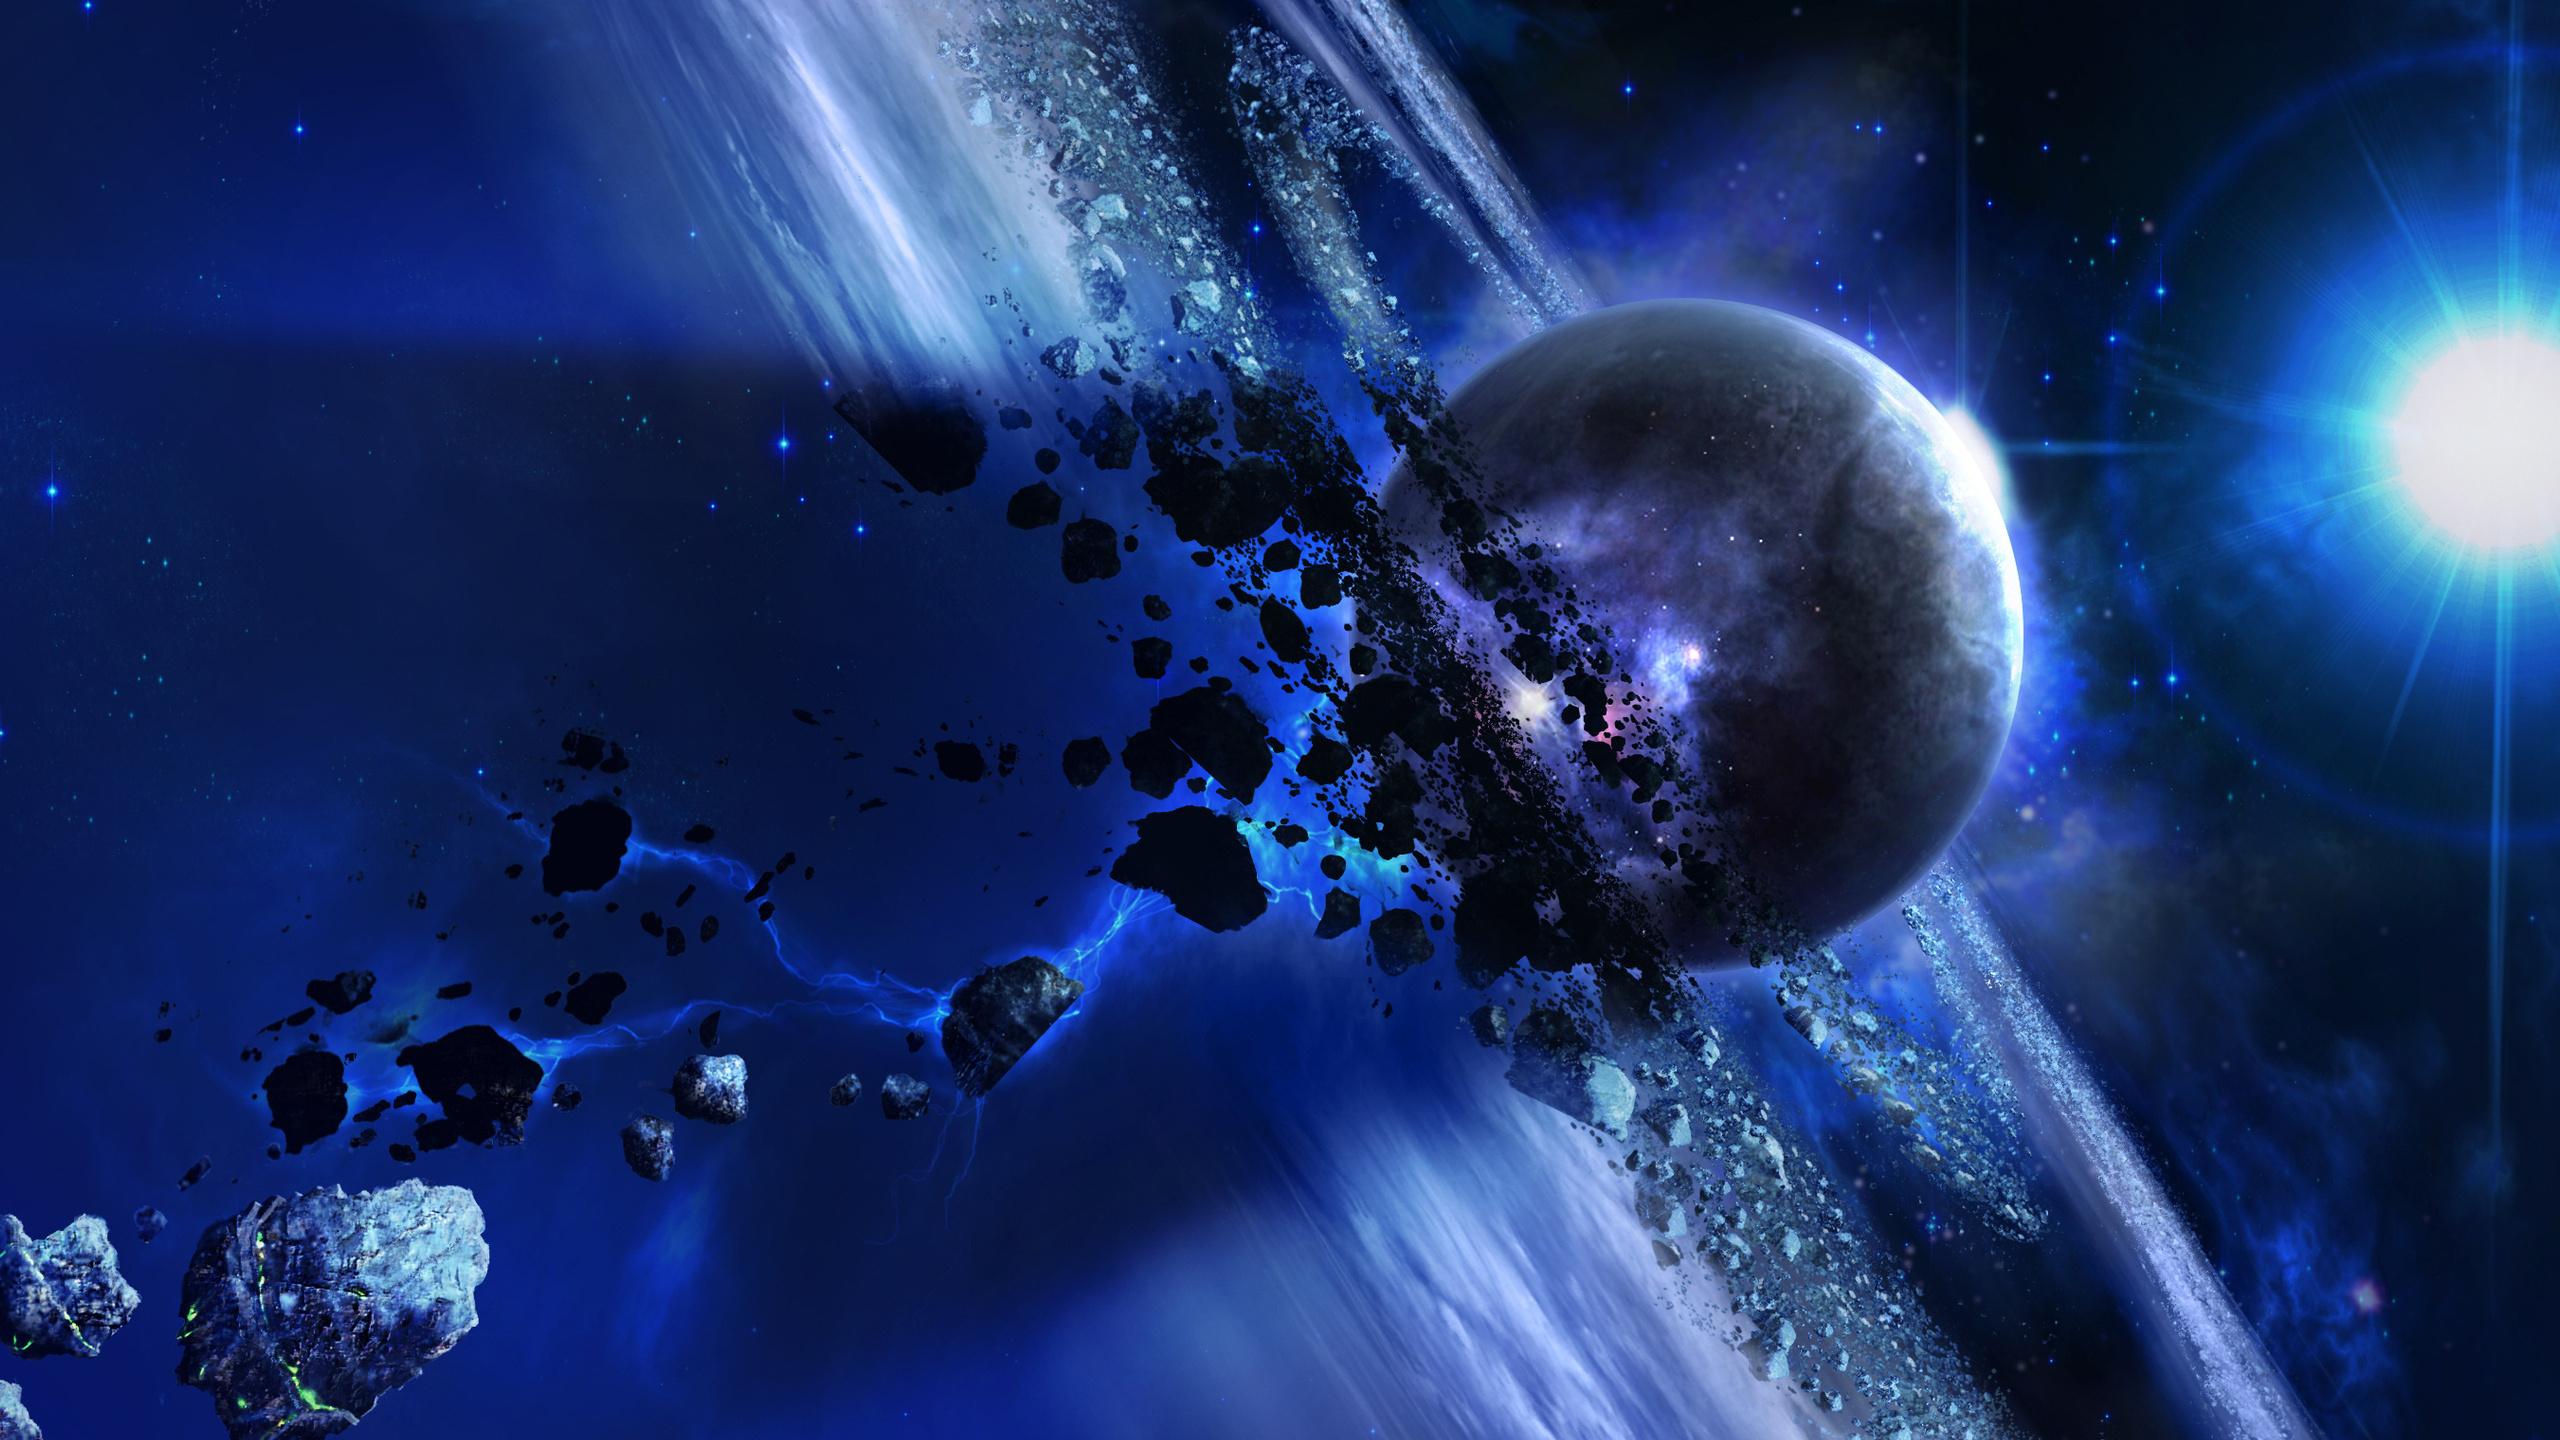 Фото вселенной в высоком качестве с планетами